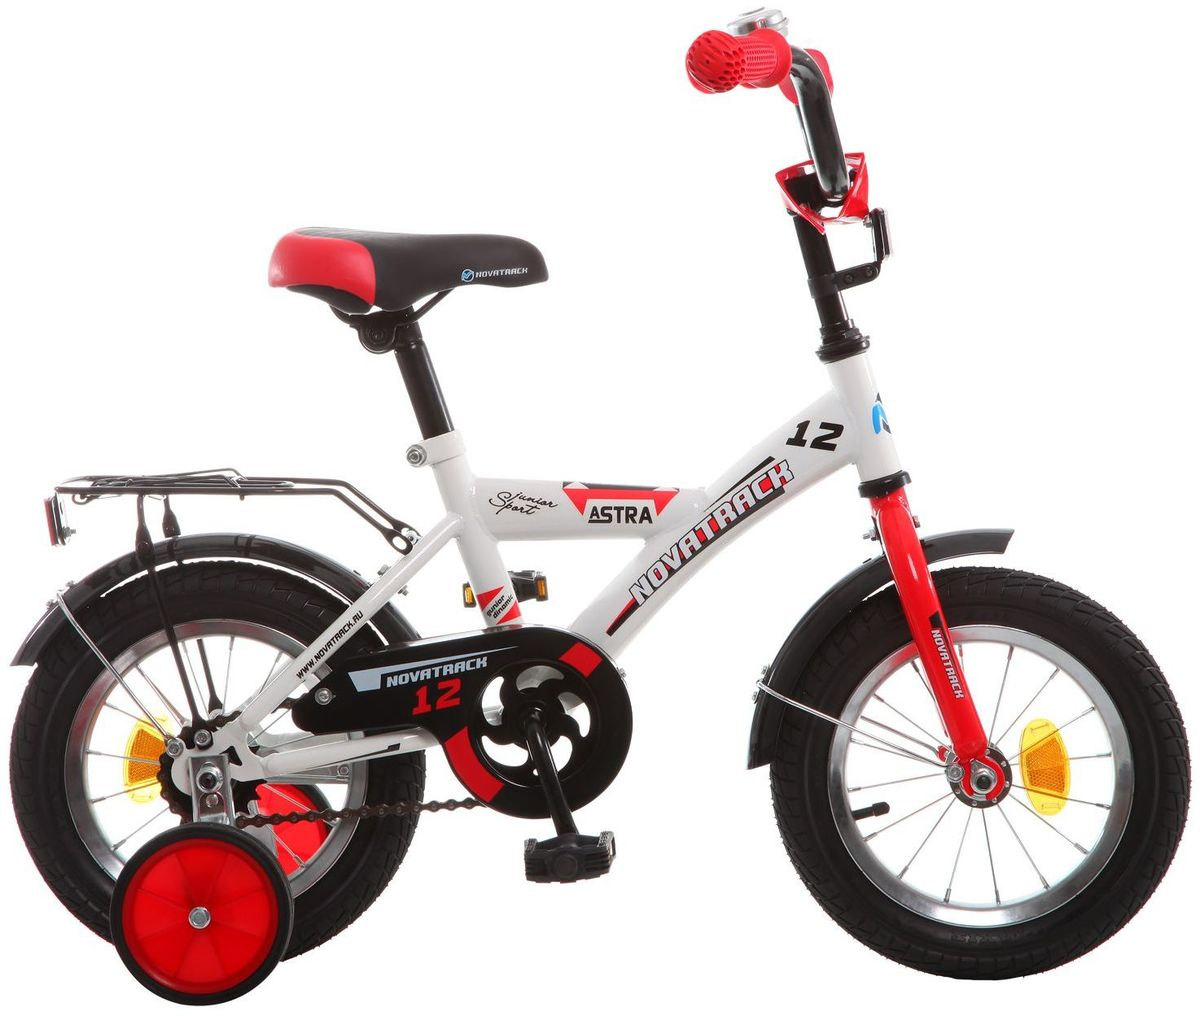 Велосипед детский Novatrack  Astra , цвет: белый, красный, черный, 12  -  Детские велосипеды